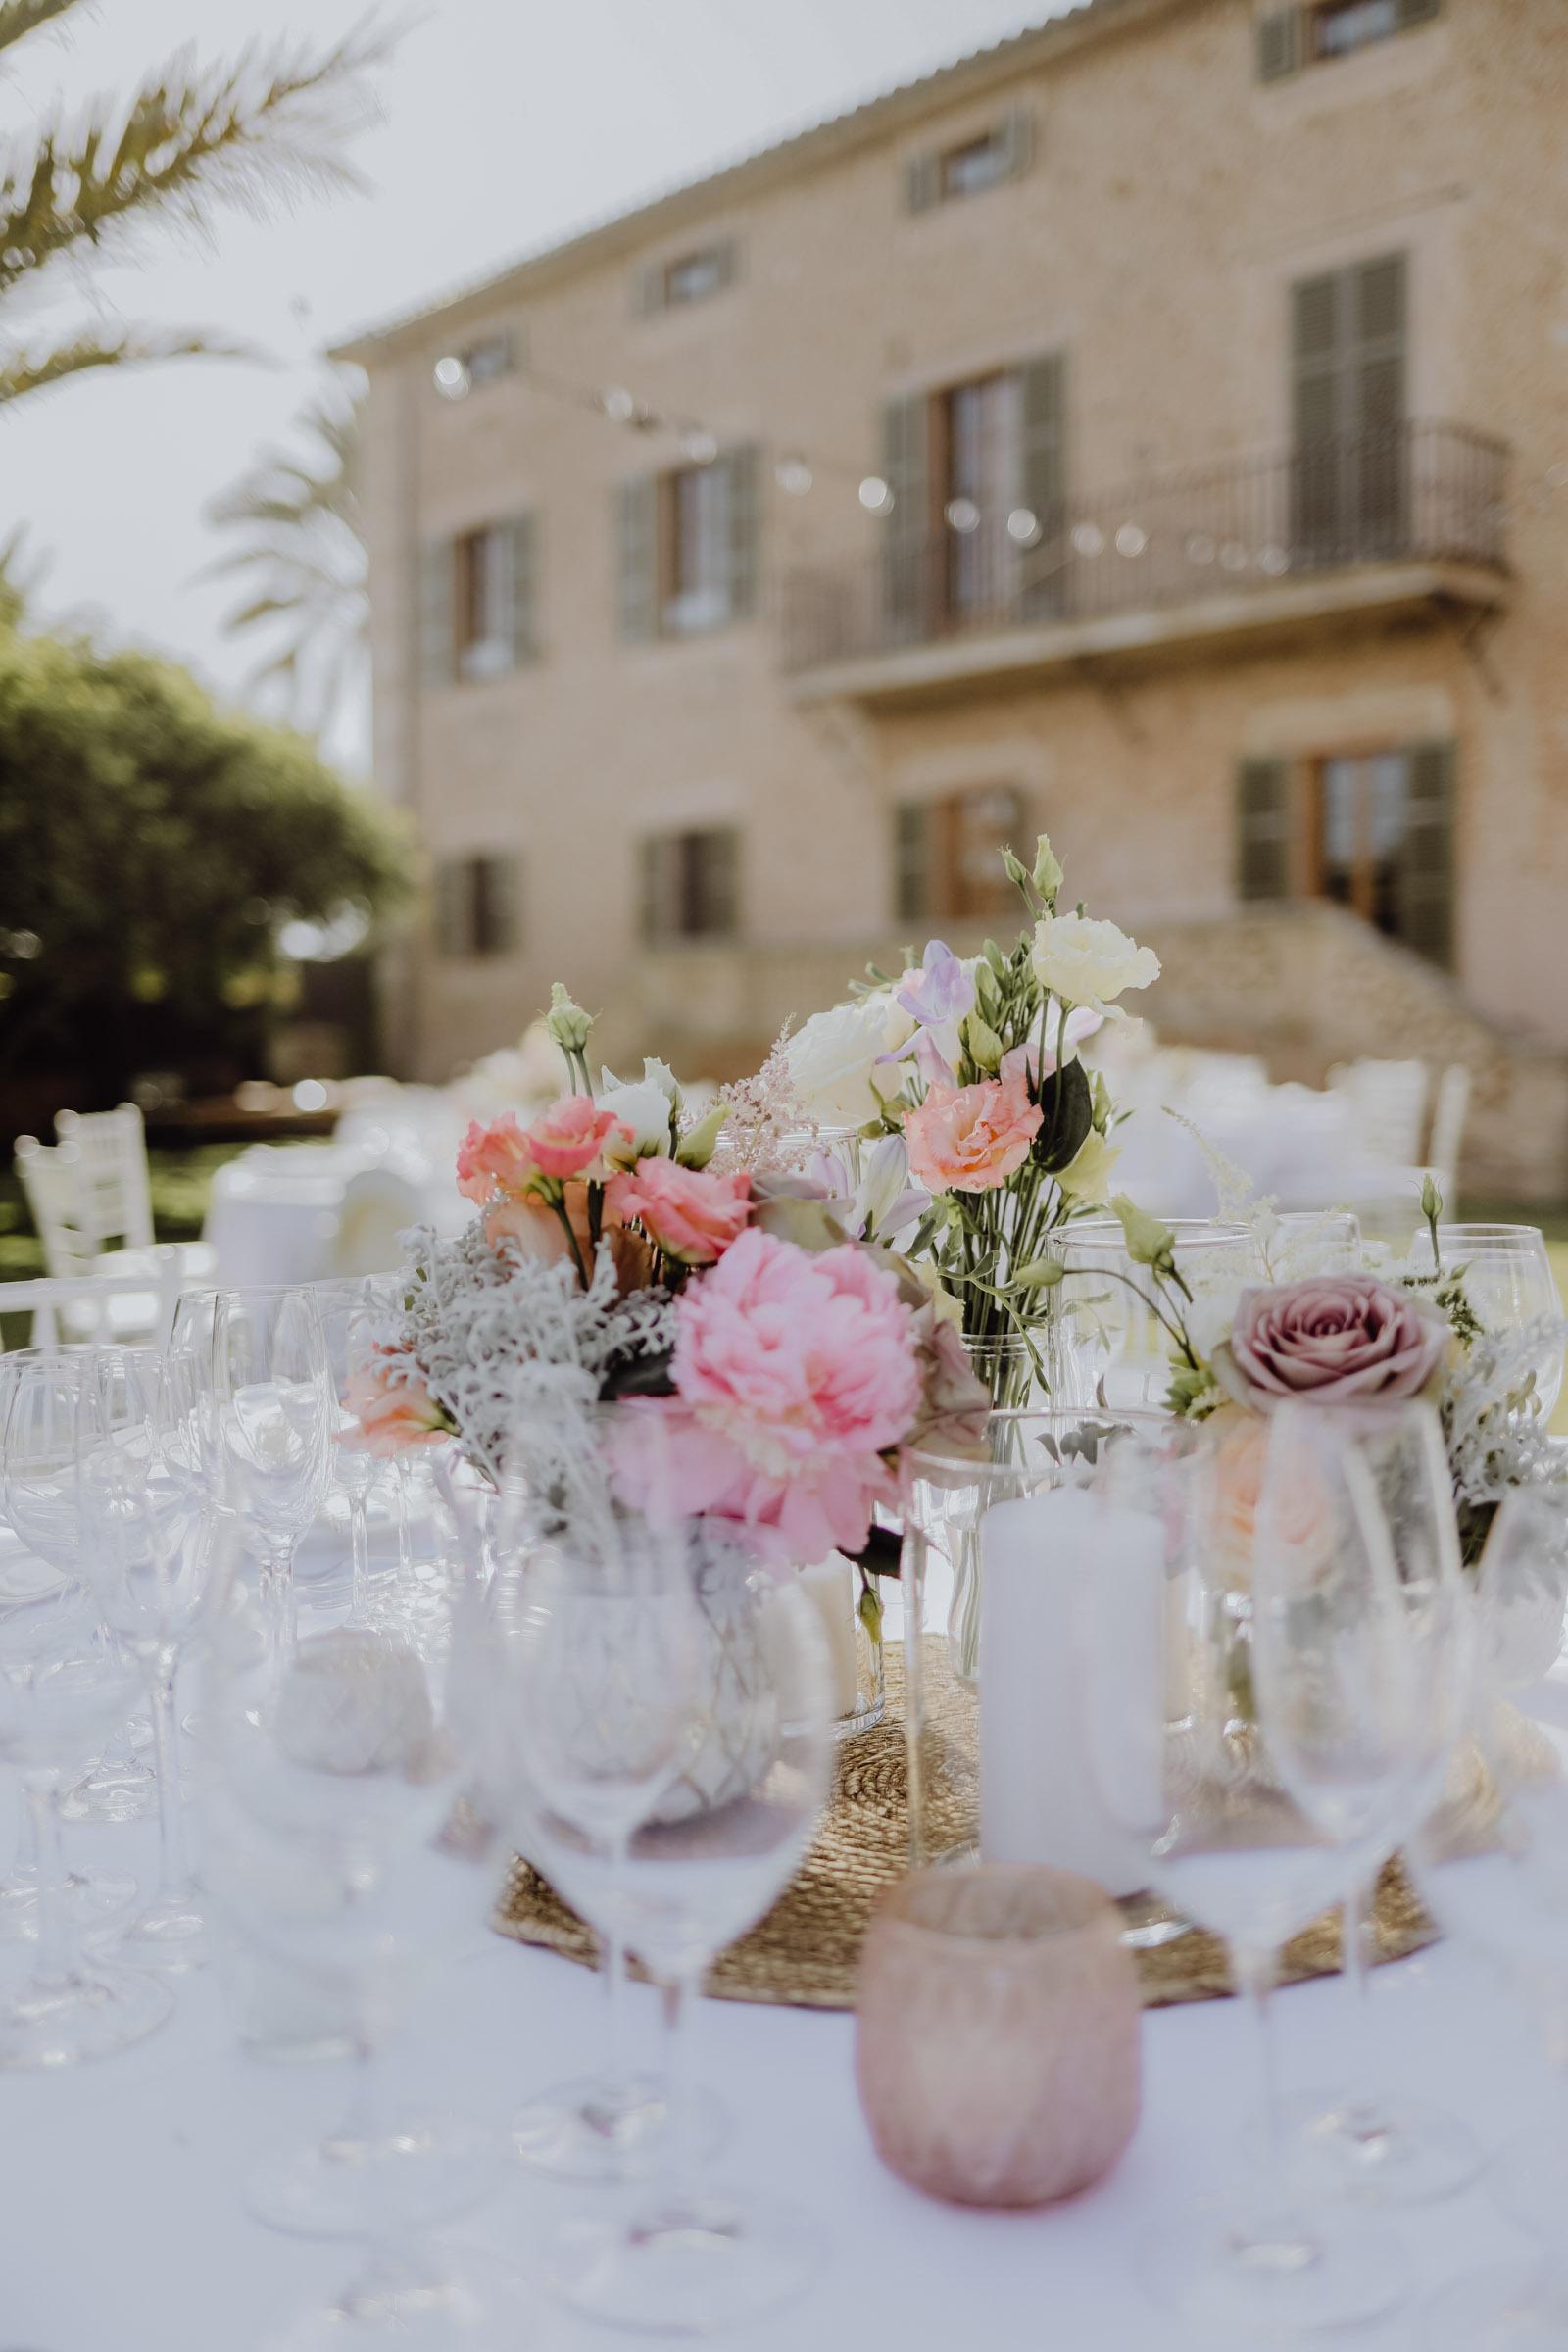 Rosa Nelken stehen auf einem gedeckten Tisch